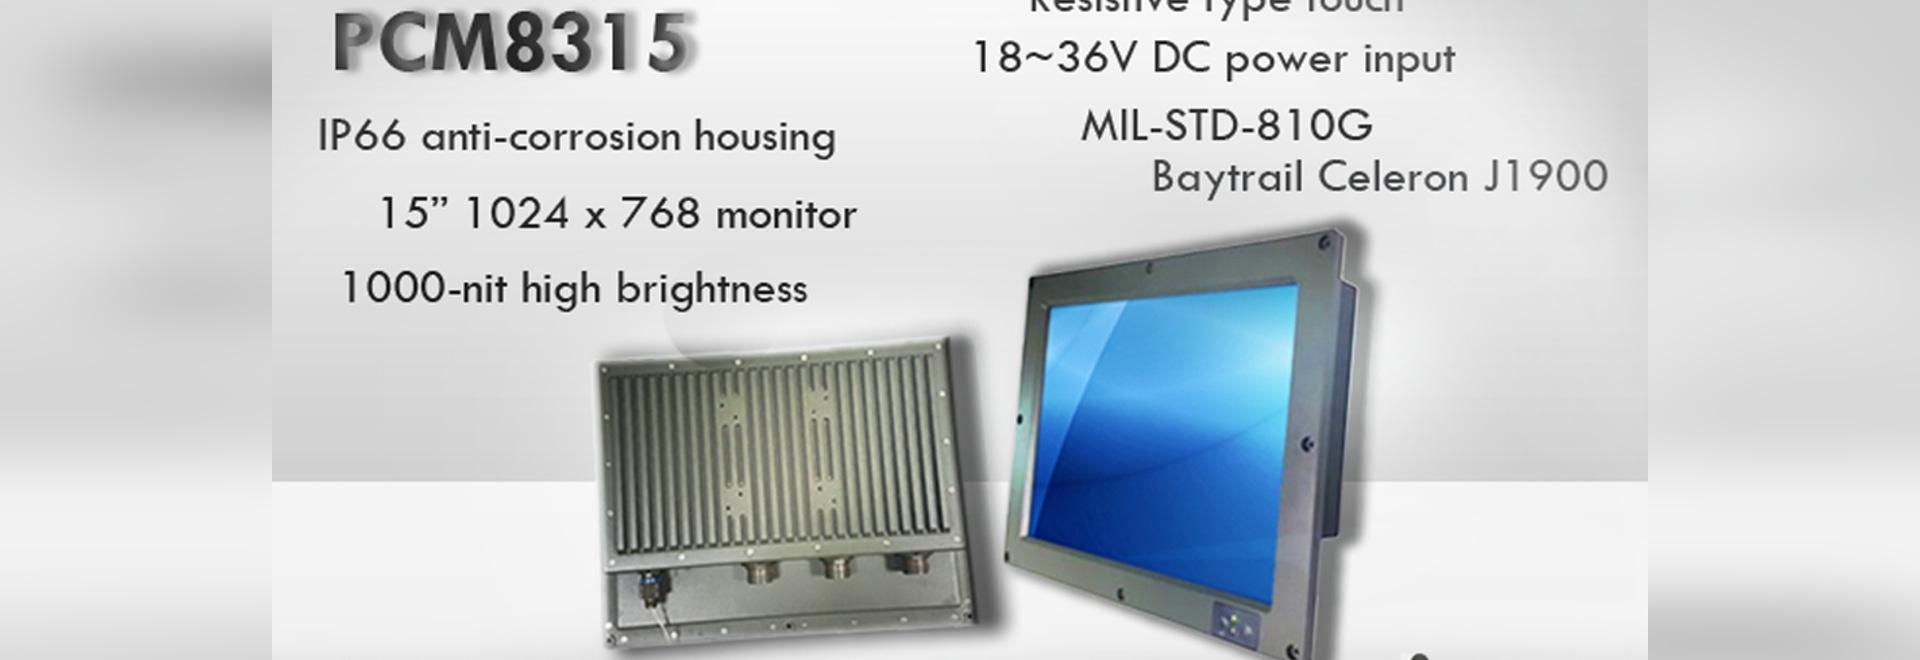 """Völlig veranschlagte IP66 15"""" Militärgrad-Platte PC mit Baytrail Celeron J1900 CPU"""